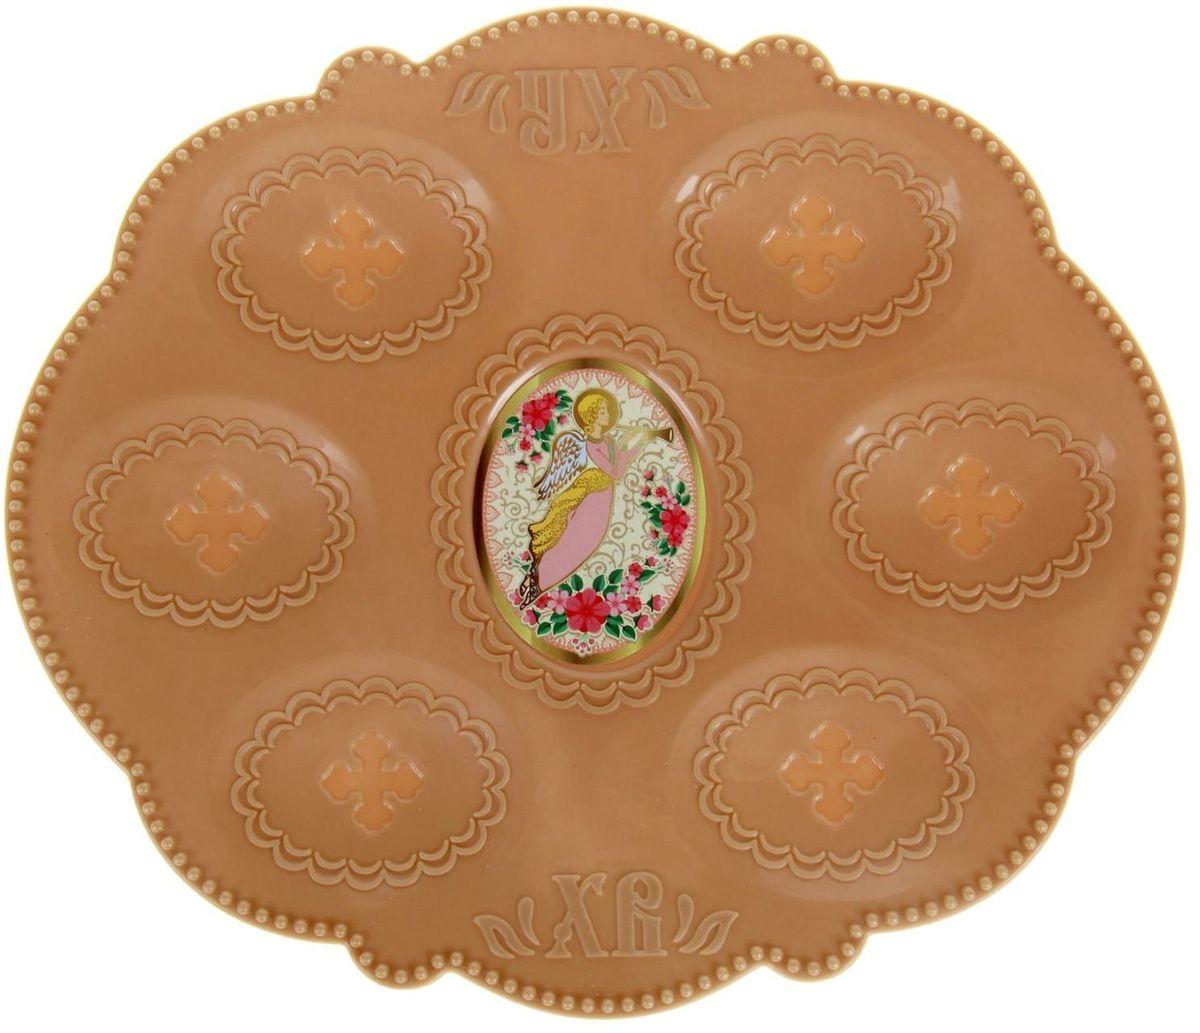 Подставка пасхальная Ангел, для 6 яиц, 21 х 18 см. 10025991002599Пасхальная подставка для 6 яиц изготовлена из качественного пластика, в центре имеется яркая вставка. Аксессуар станет достойным украшением праздничного стола, создаст радостное настроение и наполнит пространство вашего дома благостной энергией на весь год вперёд. Подставка будет ценным памятным подарком для родных, друзей и коллег. Радости, добра и света вам и вашим близким!